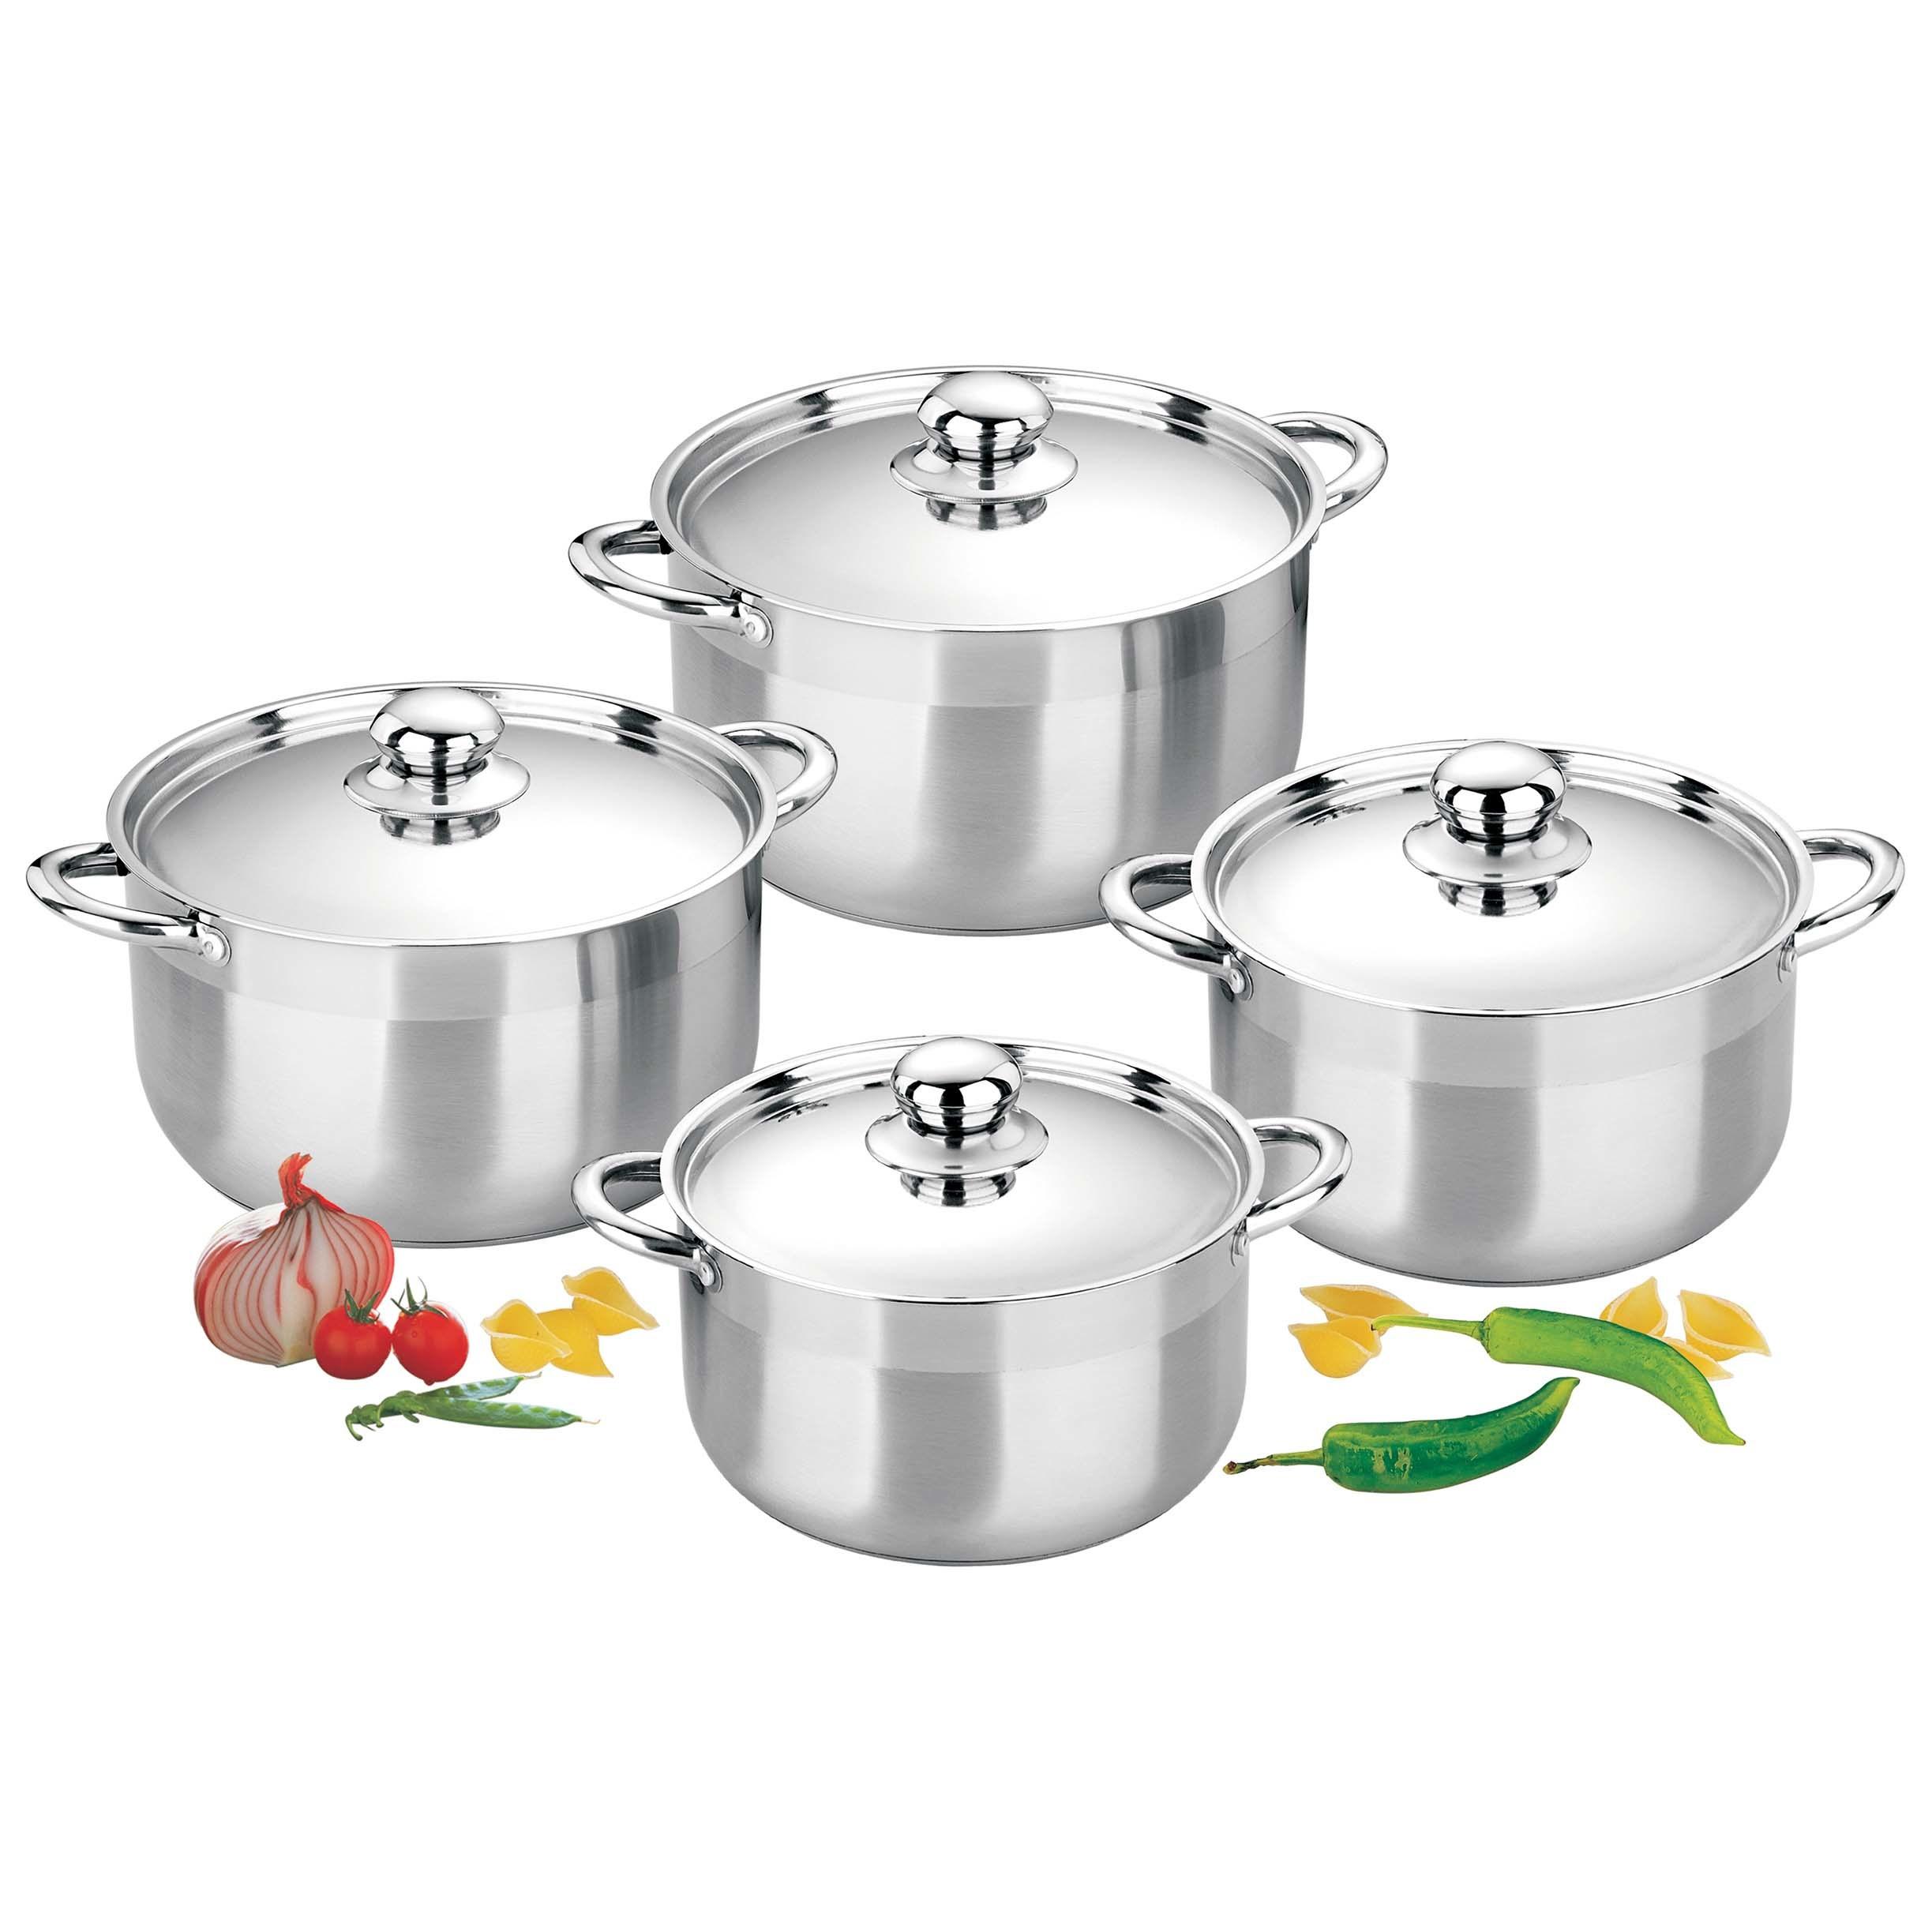 China Stainless Steel Pot Set Kitchenware Pot Sets China